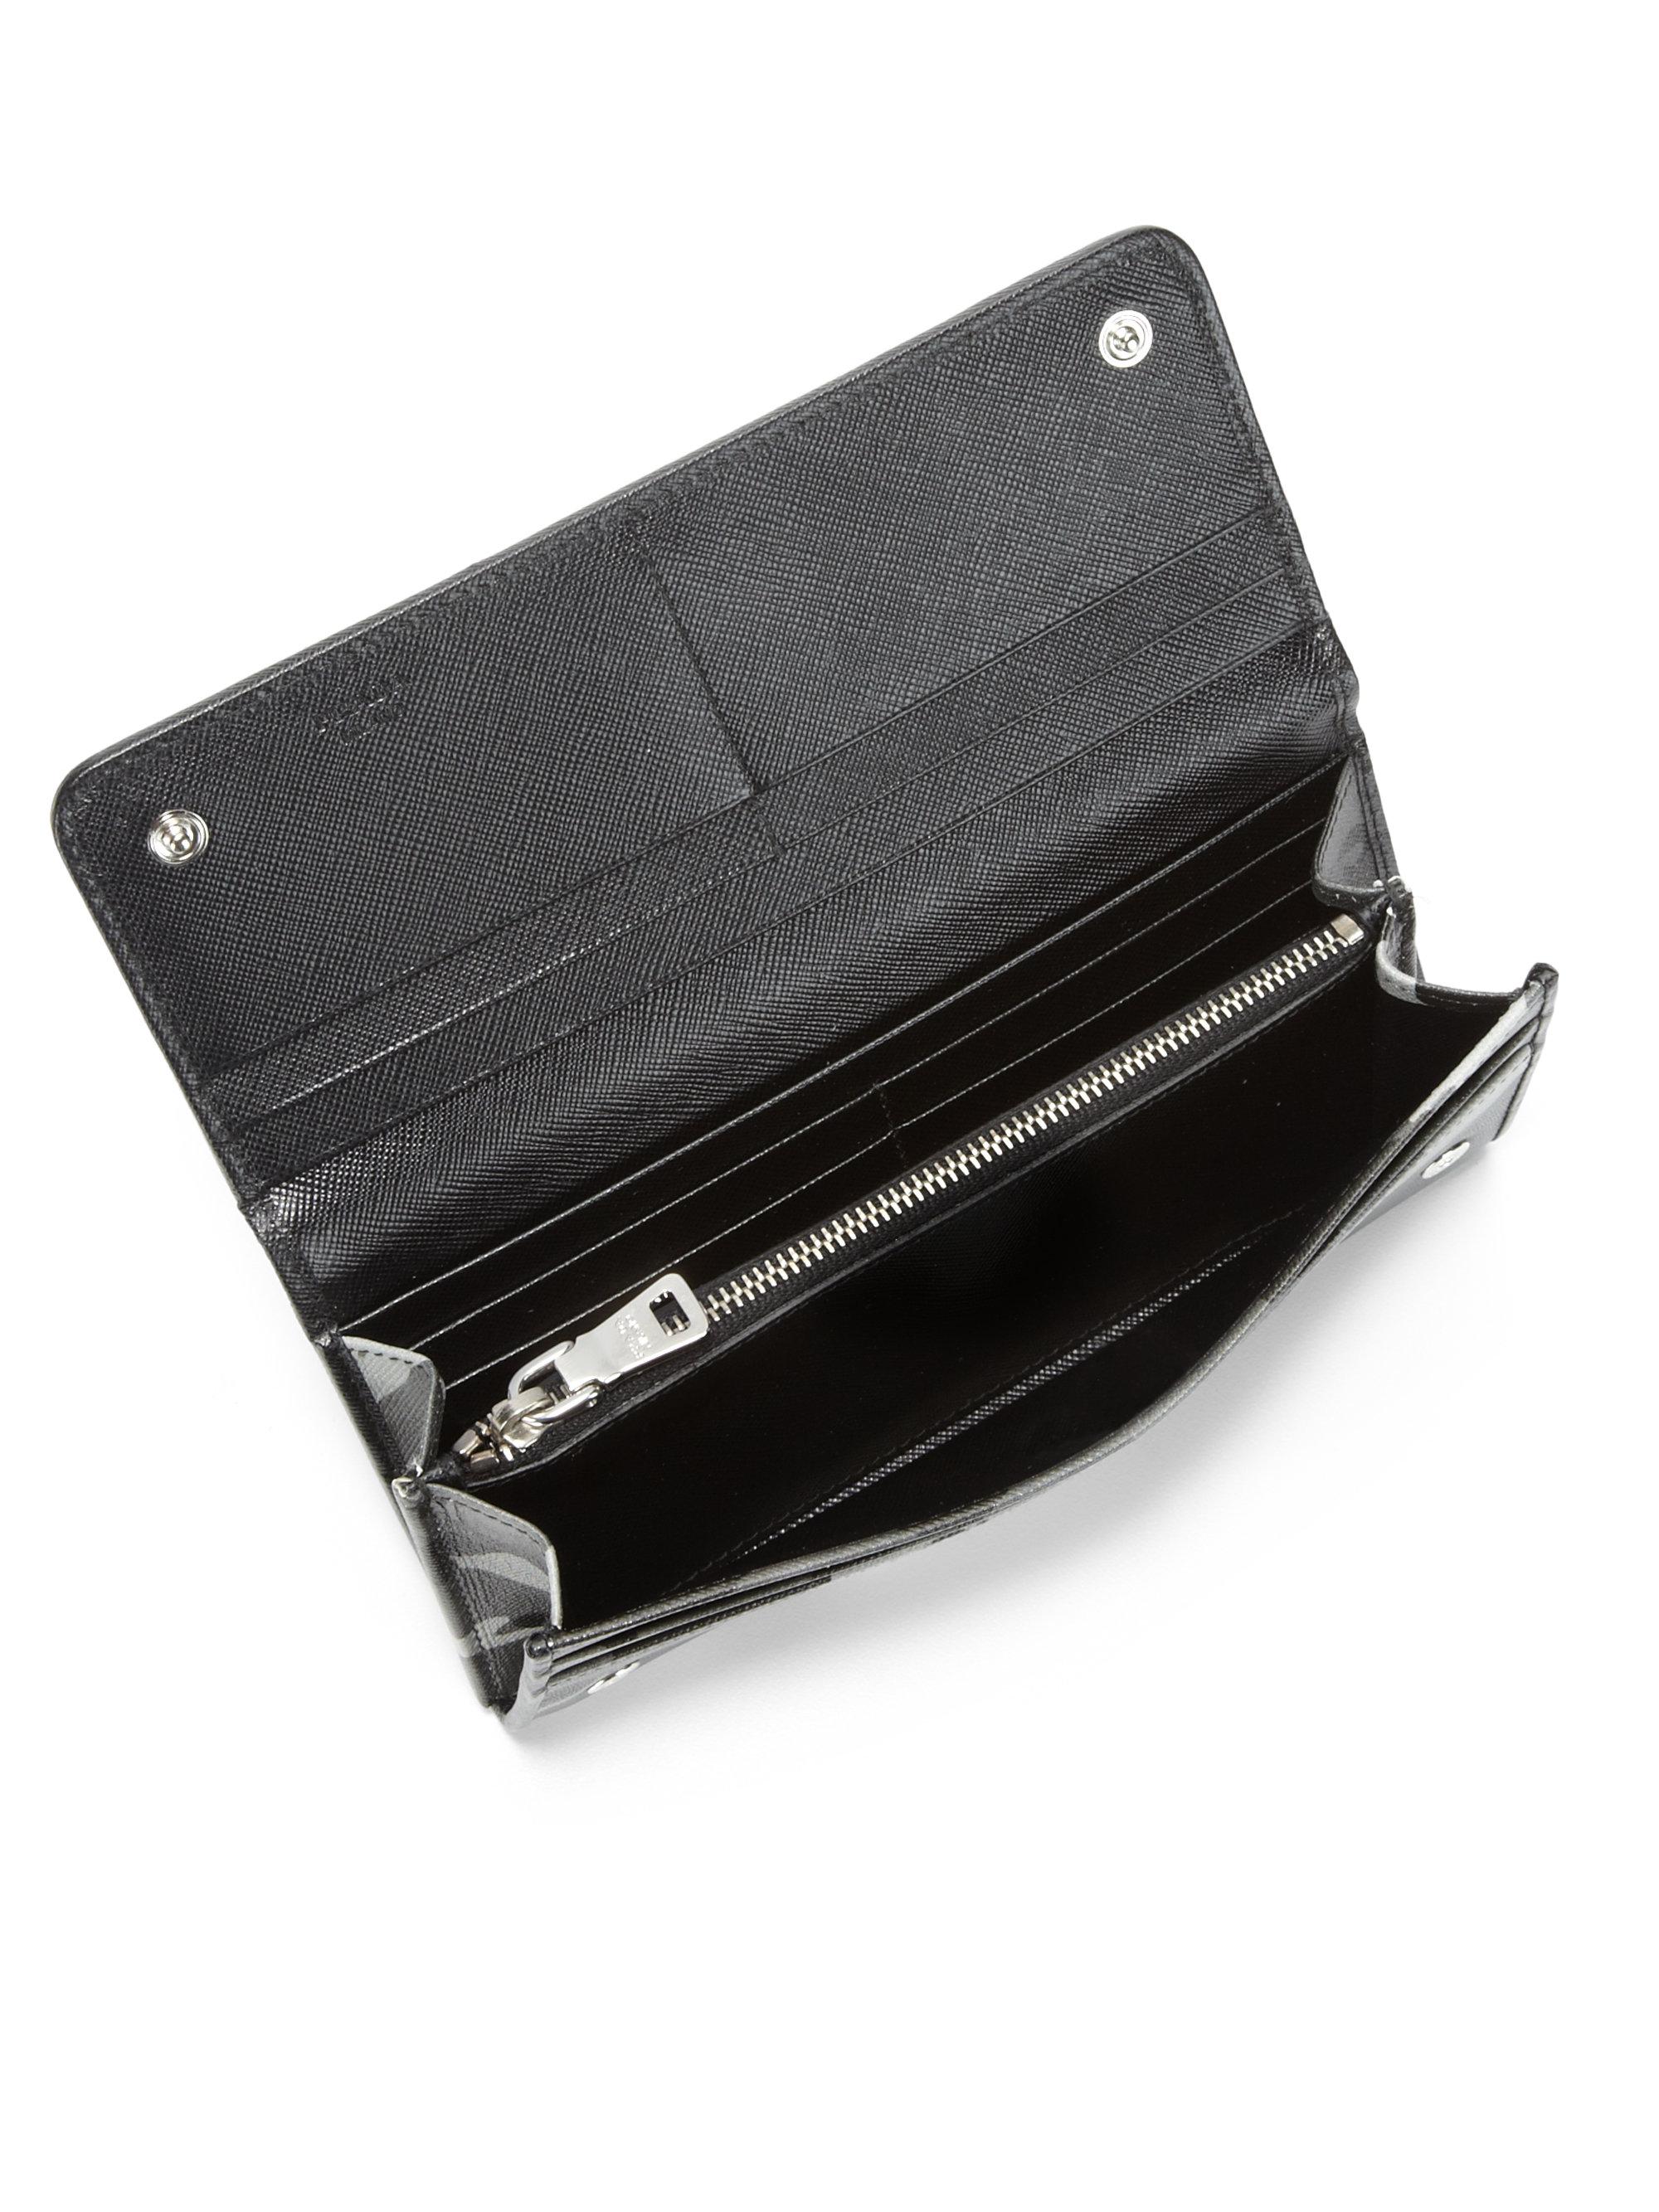 ab50ab9b662c24 Prada Saffiano Continental Wallet in Gray - Lyst